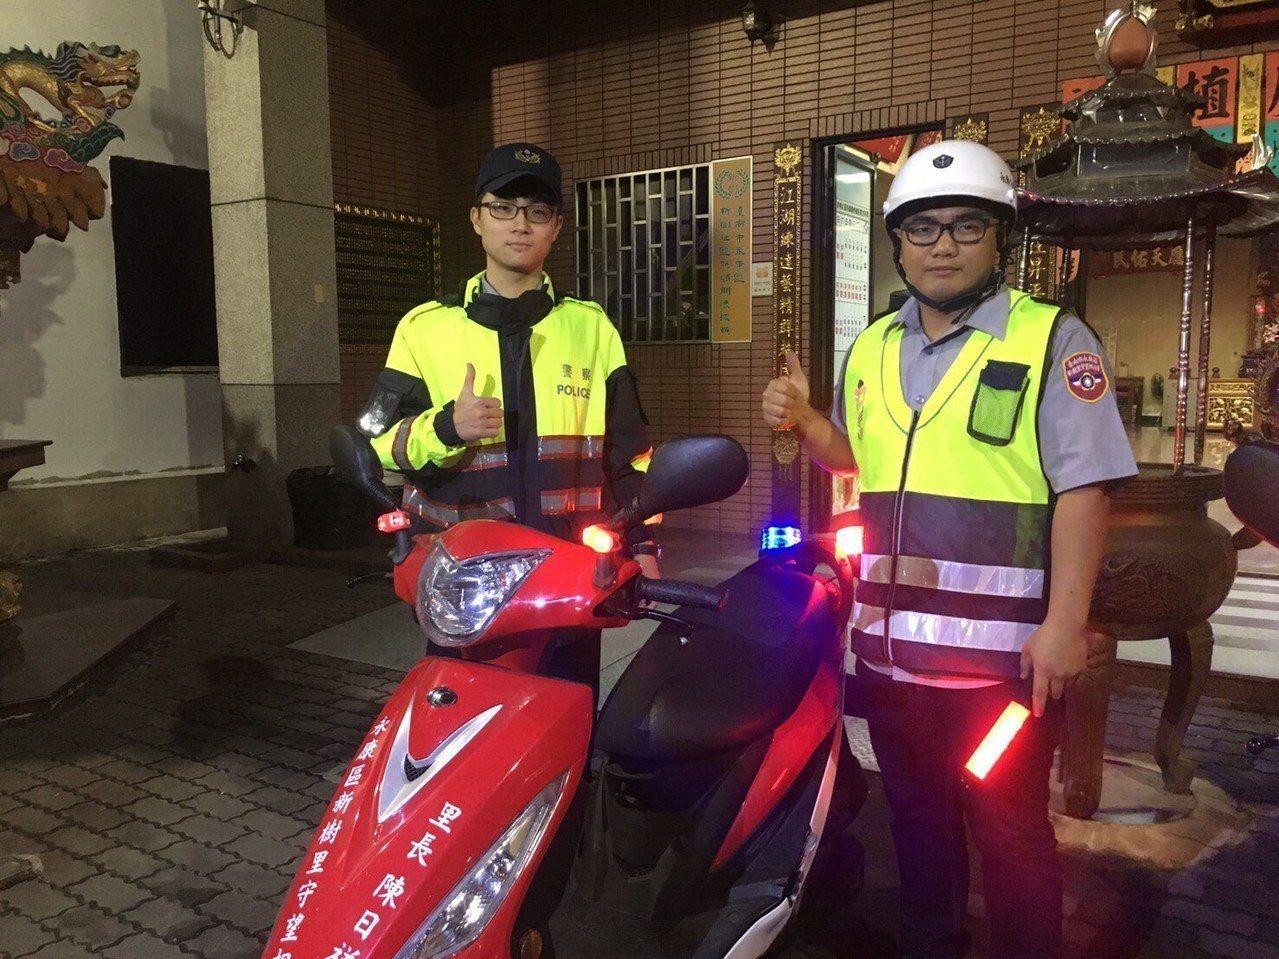 員警為夜間騎車的社區巡守隊員及年長民眾加裝閃光燈, 提升行車安全。圖/員警提供